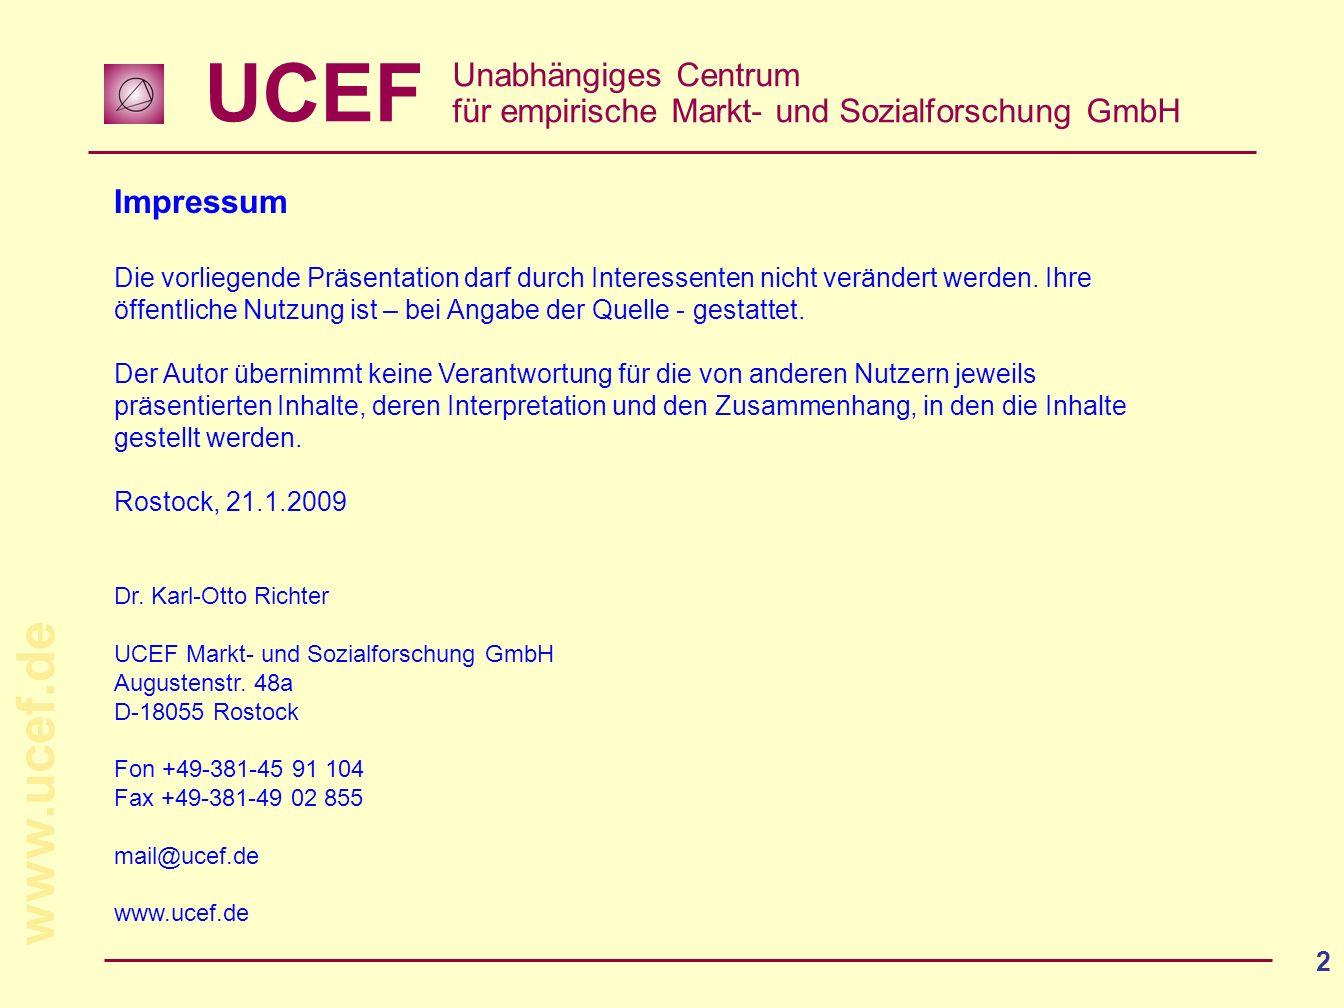 UCEF Unabhängiges Centrum für empirische Markt- und Sozialforschung GmbH www.ucef.de 2 Impressum Die vorliegende Präsentation darf durch Interessenten